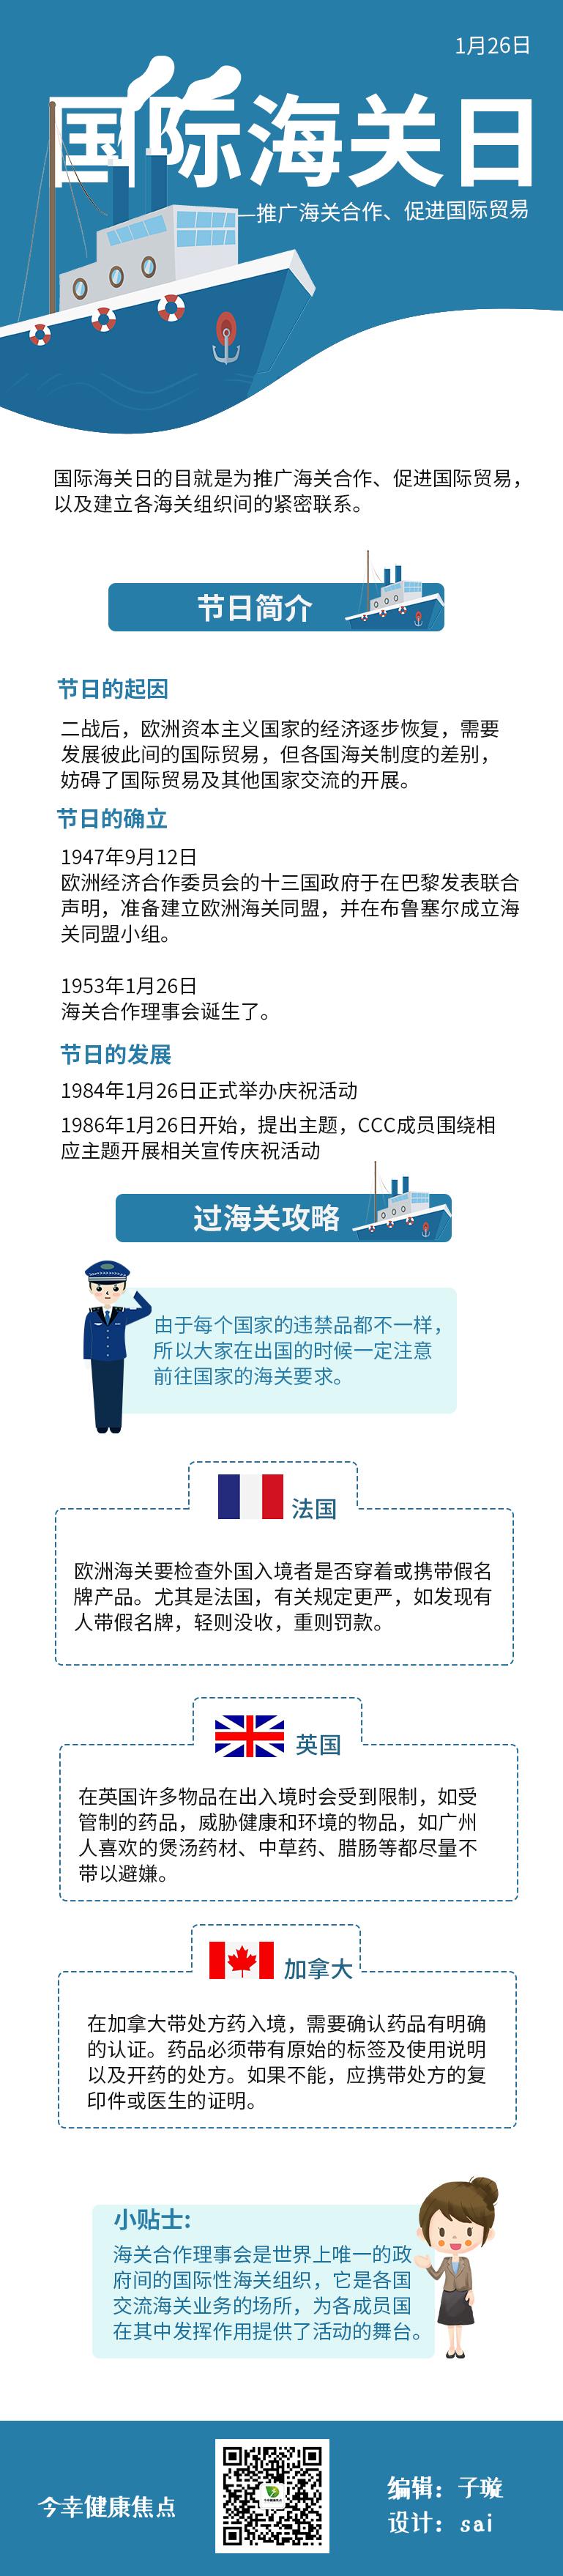 国际海关日——推广海关合作、促进国际贸易